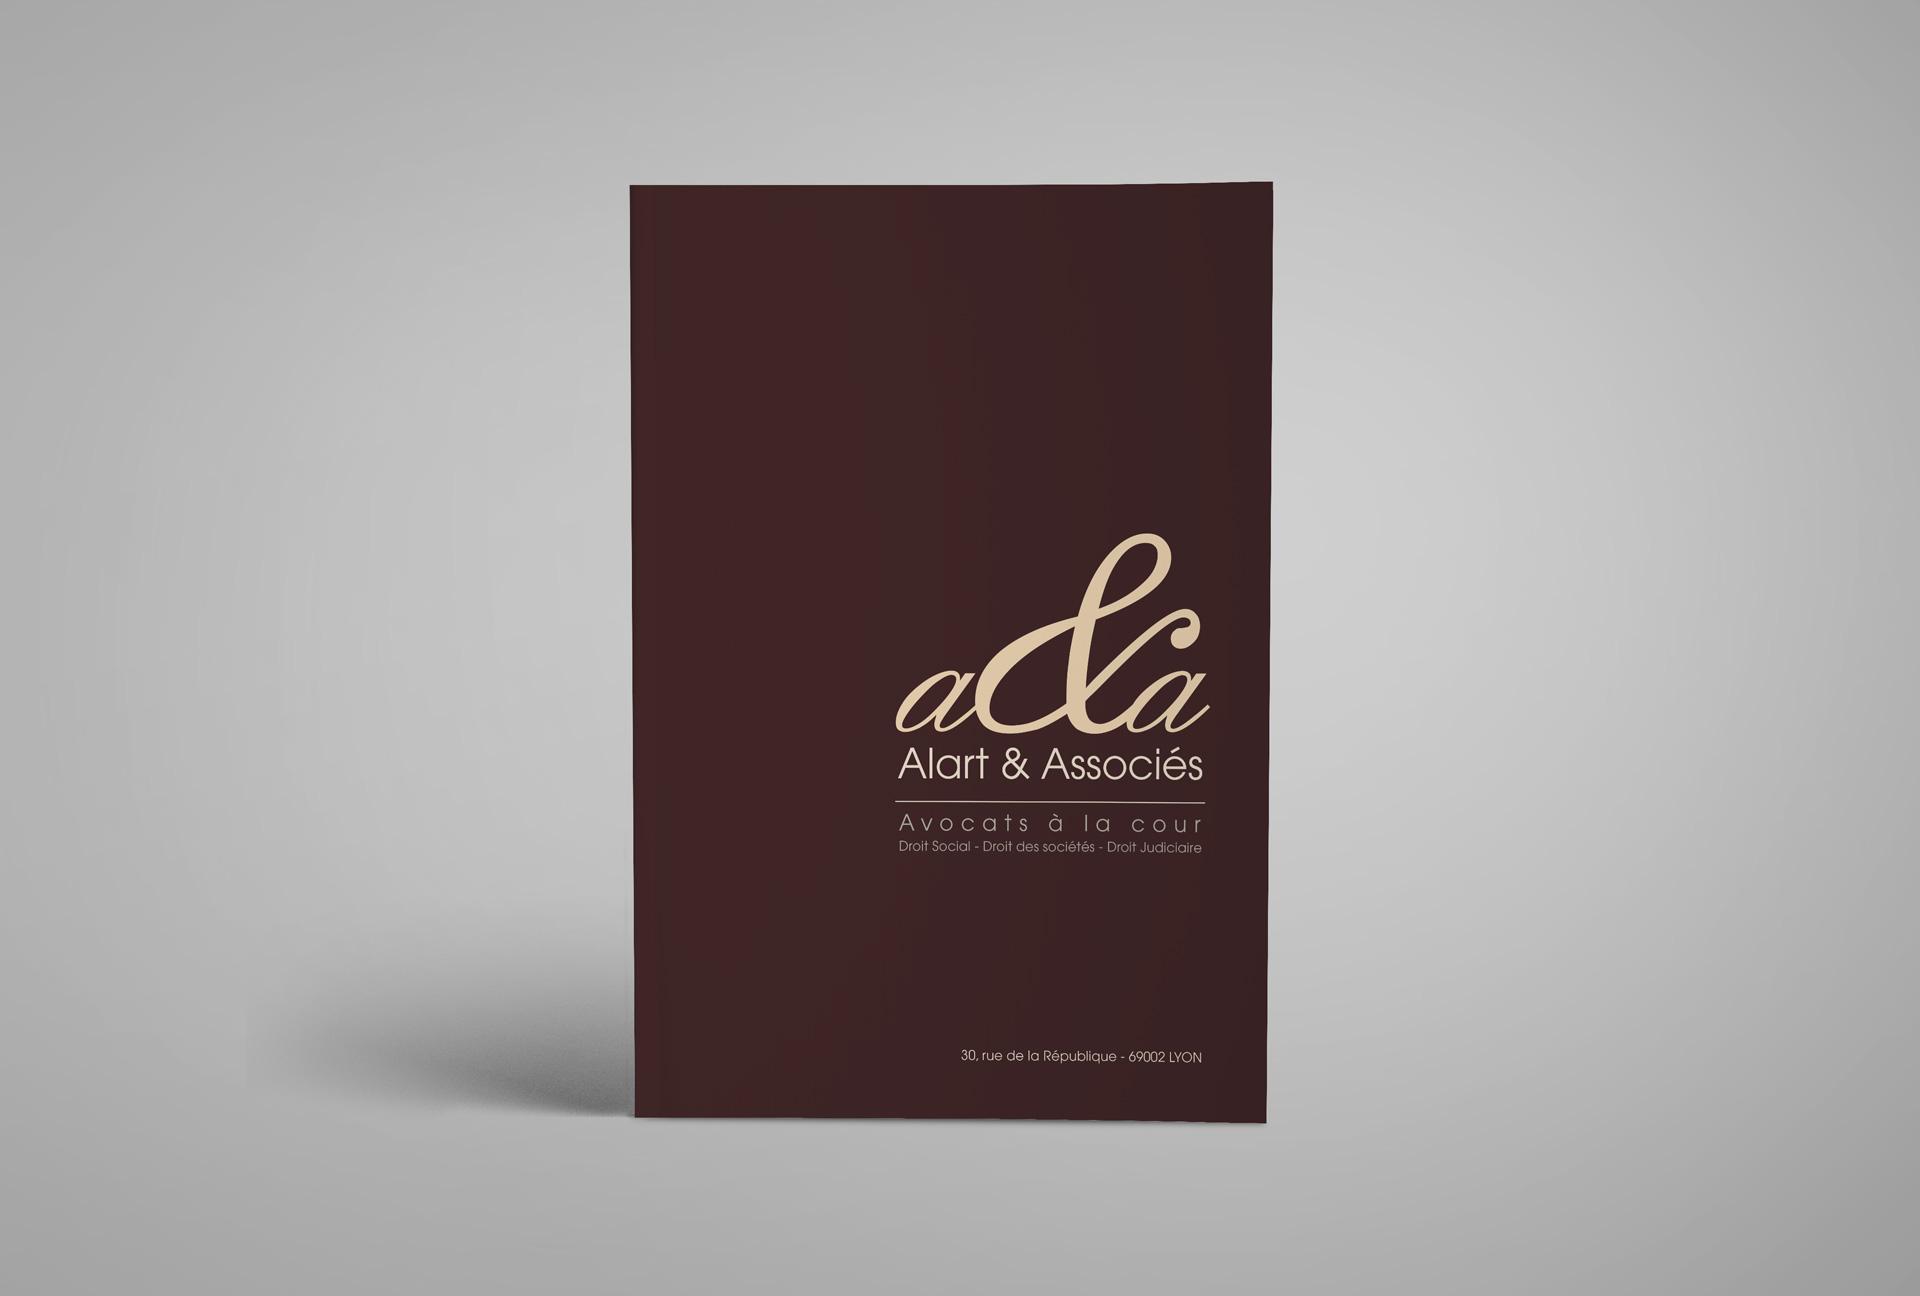 plaquette-Alart&Associes-couv